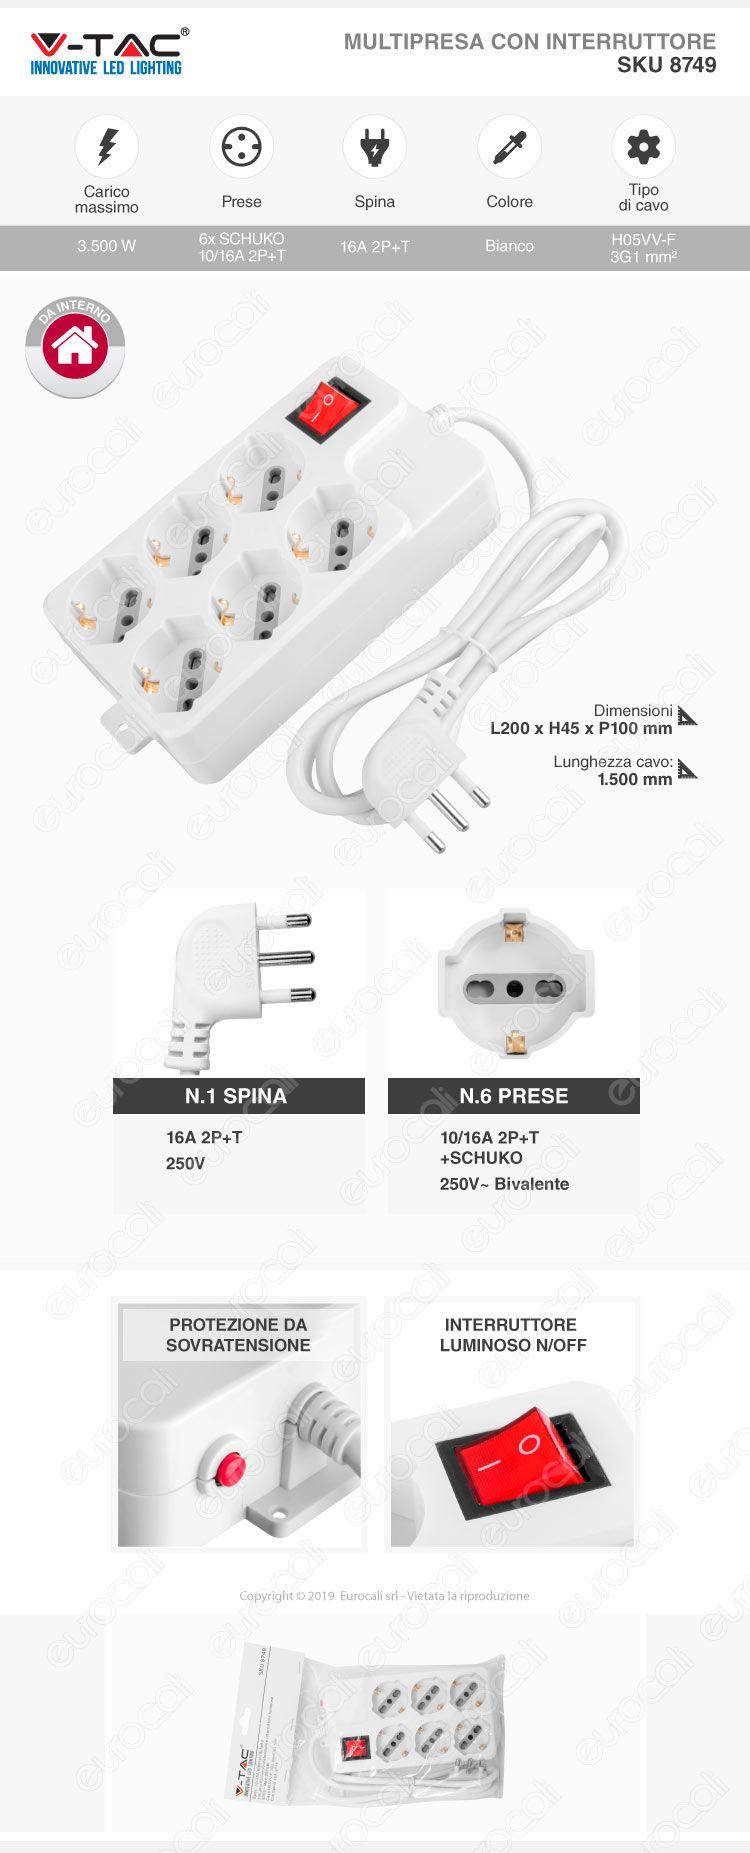 V-Tac Multipresa 6 Posti Colore Bianco con Interruttore Luminoso e Protezione Ripristinabile